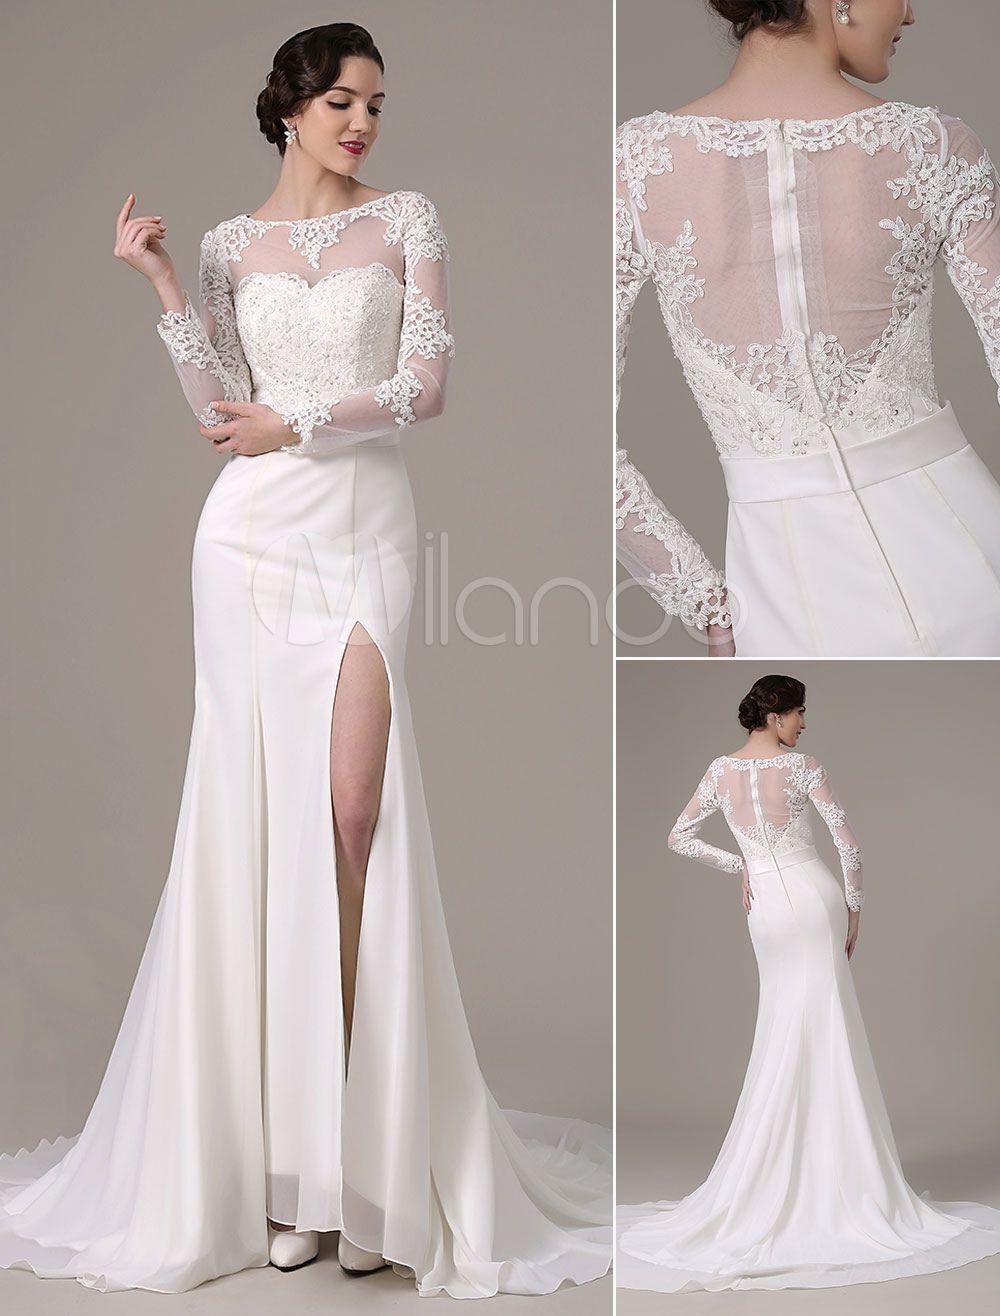 vintage lace wedding dress lange Ärmel bateau hals schiere